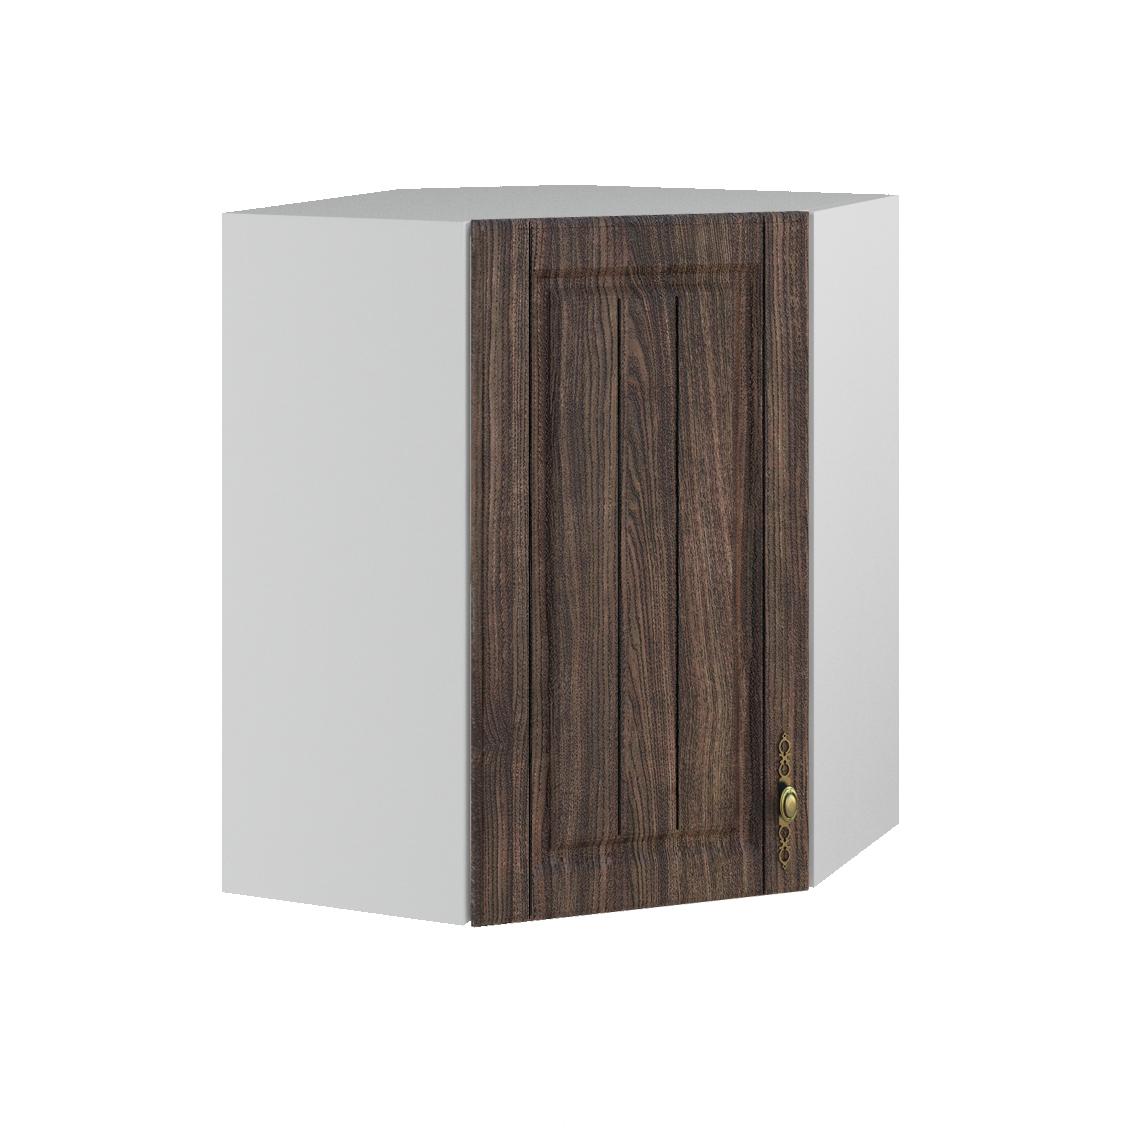 Кухня Империя ПУ 550*550 Шкаф верхний угловой